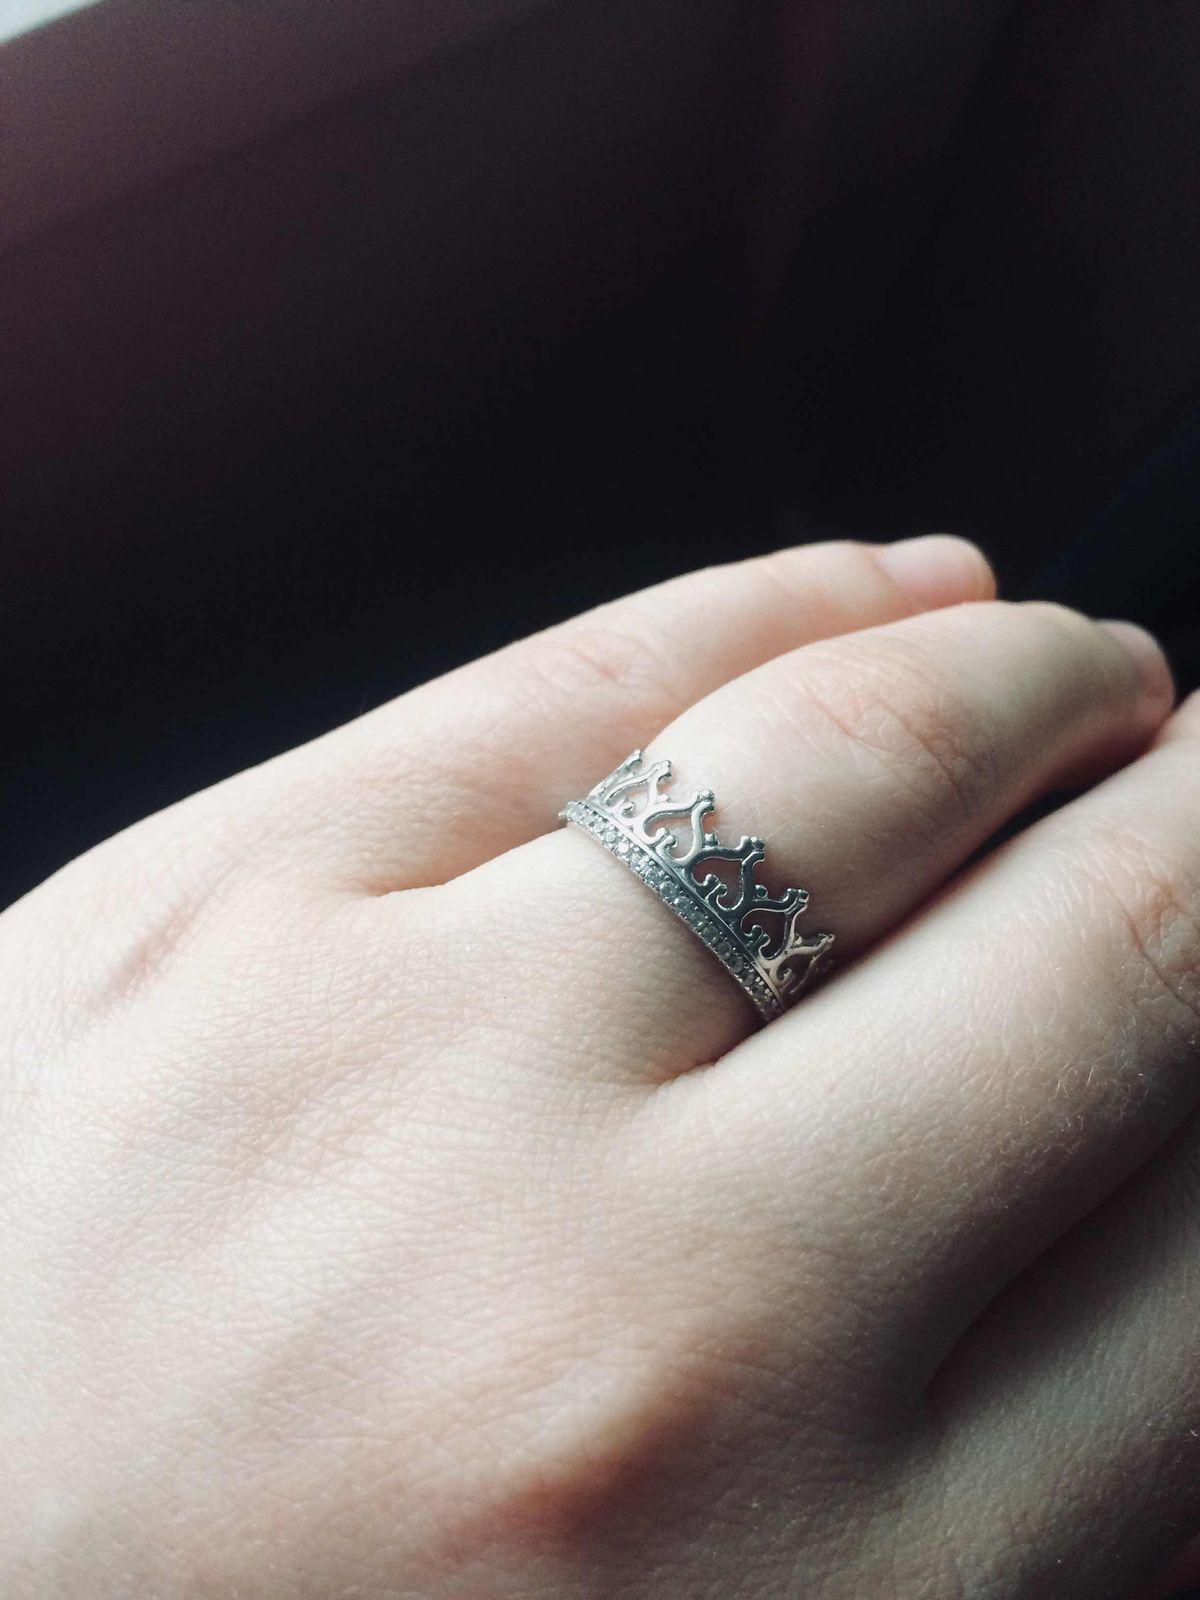 Я люблю это кольцо!